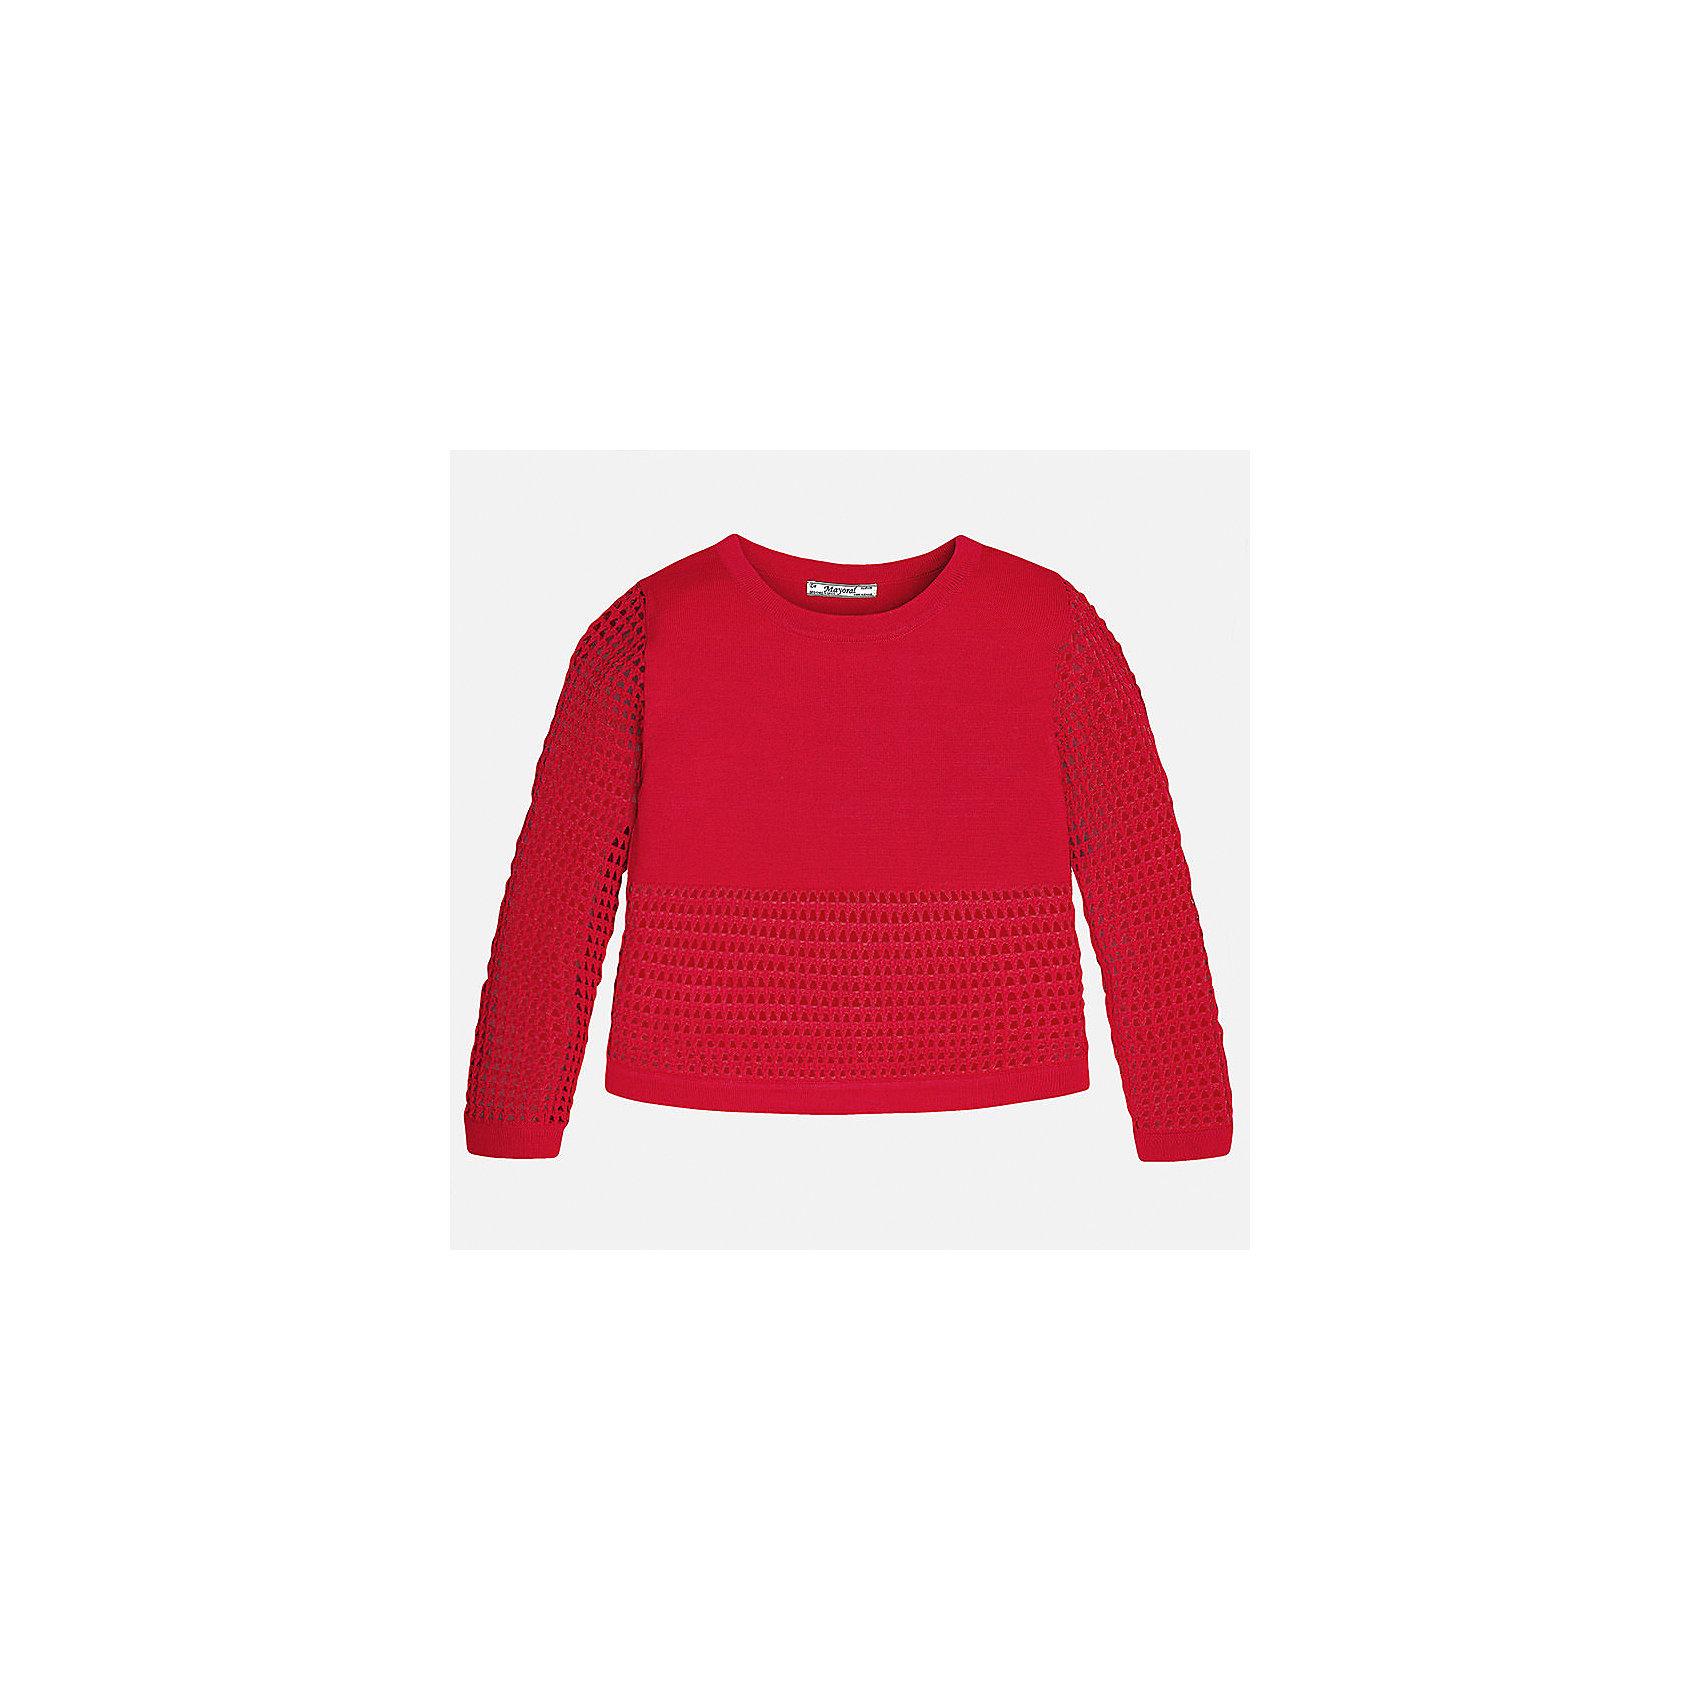 Свитер для девочки MayoralХарактеристики товара:<br><br>• цвет: красный<br>• состав: 60% вискоза, 40% полиамид<br>• рукава длинные <br>• горловой вырез округлый<br>• отделка краев<br>• страна бренда: Испания<br><br>Удобный и красивый свитер для девочки поможет разнообразить гардероб ребенка и украсить наряд. Он отлично сочетается и с юбками, и с брюками. Универсальный цвет позволяет подобрать к вещи низ различных расцветок. Интересная отделка модели делает её нарядной и оригинальной. <br><br>Одежда, обувь и аксессуары от испанского бренда Mayoral полюбились детям и взрослым по всему миру. Модели этой марки - стильные и удобные. Для их производства используются только безопасные, качественные материалы и фурнитура. Порадуйте ребенка модными и красивыми вещами от Mayoral! <br><br>Свитер для девочки от испанского бренда Mayoral (Майорал) можно купить в нашем интернет-магазине.<br><br>Ширина мм: 190<br>Глубина мм: 74<br>Высота мм: 229<br>Вес г: 236<br>Цвет: красный<br>Возраст от месяцев: 168<br>Возраст до месяцев: 180<br>Пол: Женский<br>Возраст: Детский<br>Размер: 170,128/134,140,152,158,164<br>SKU: 5292769